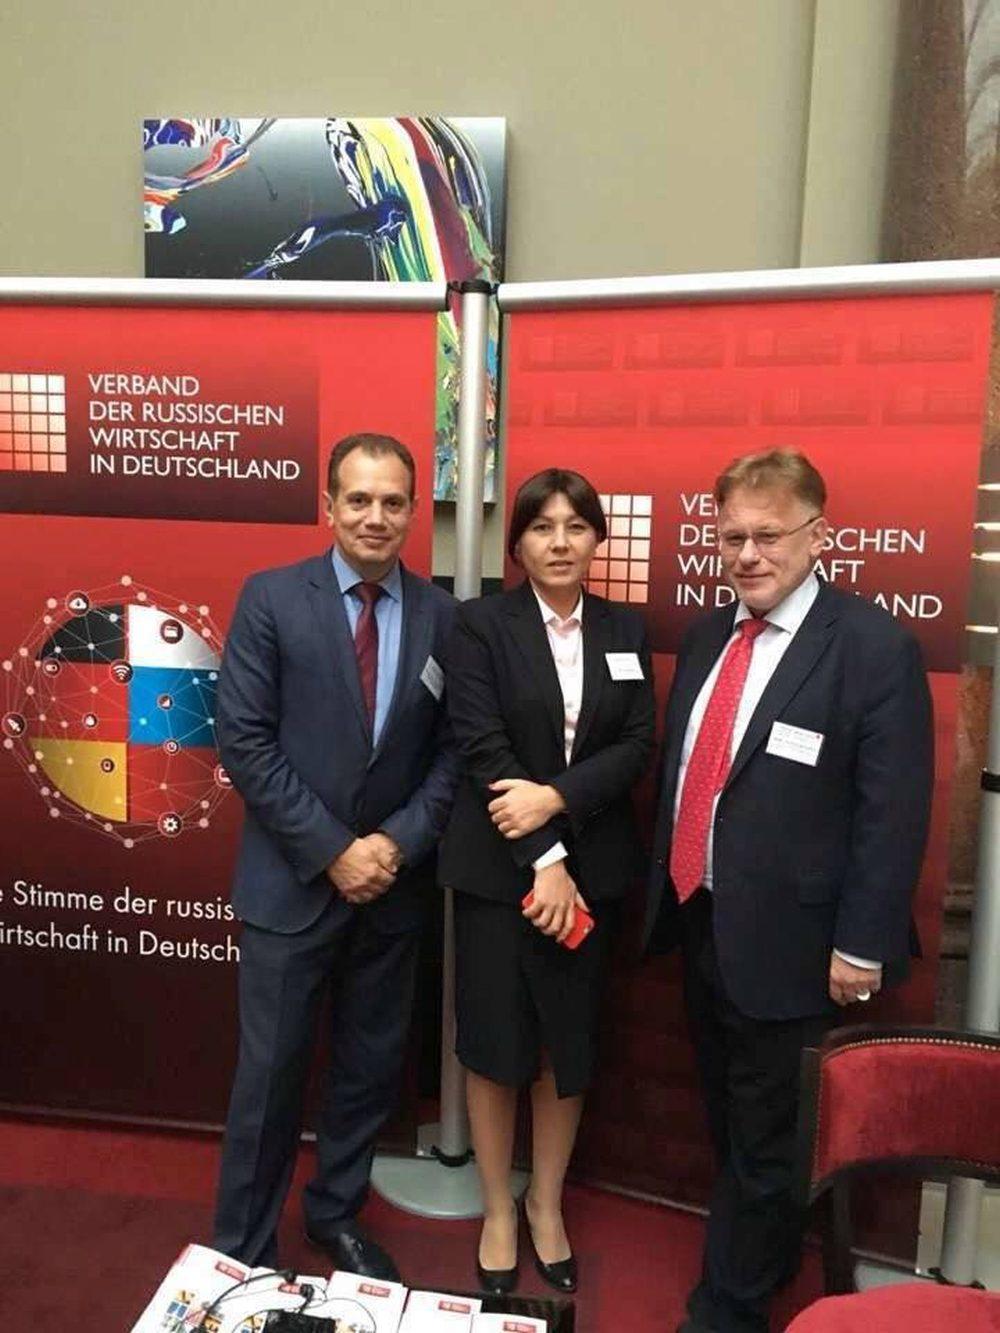 Делегация Вологодской области участвует в 11-м Российско-германском экономическом конгрессе в Берлине